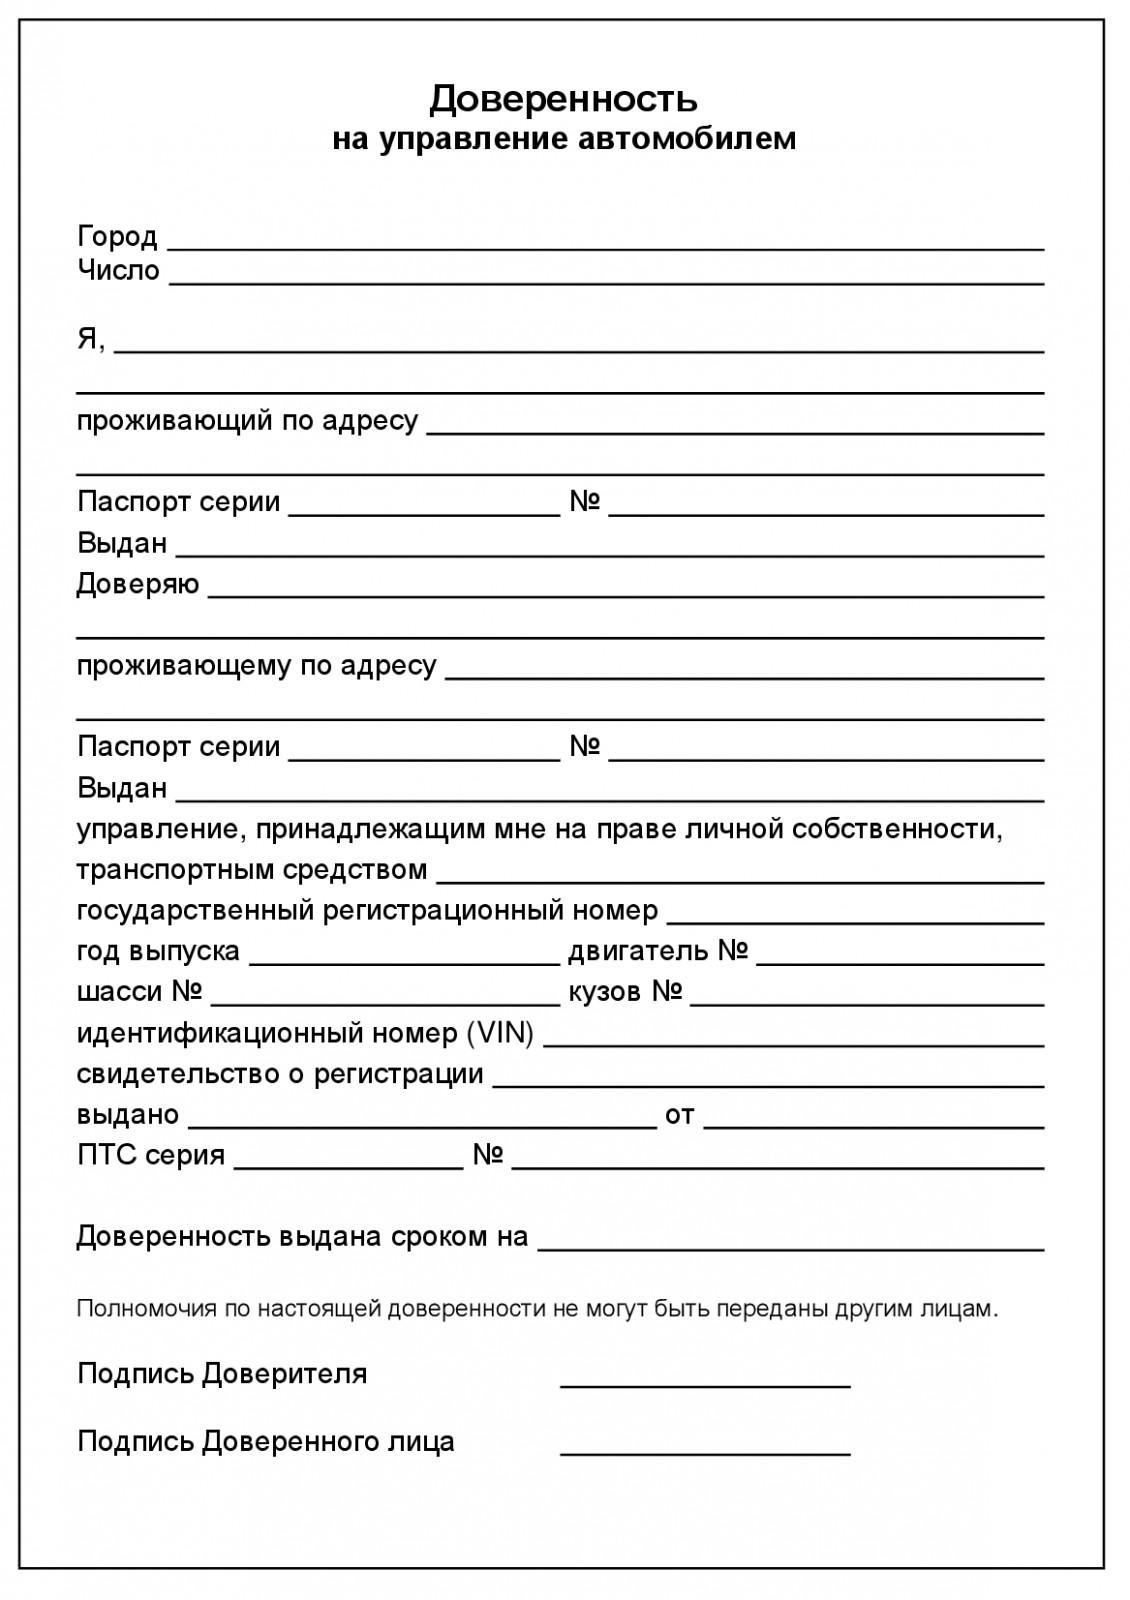 Как платить капитальный ремонт фонд модернизации жкх новосибирск